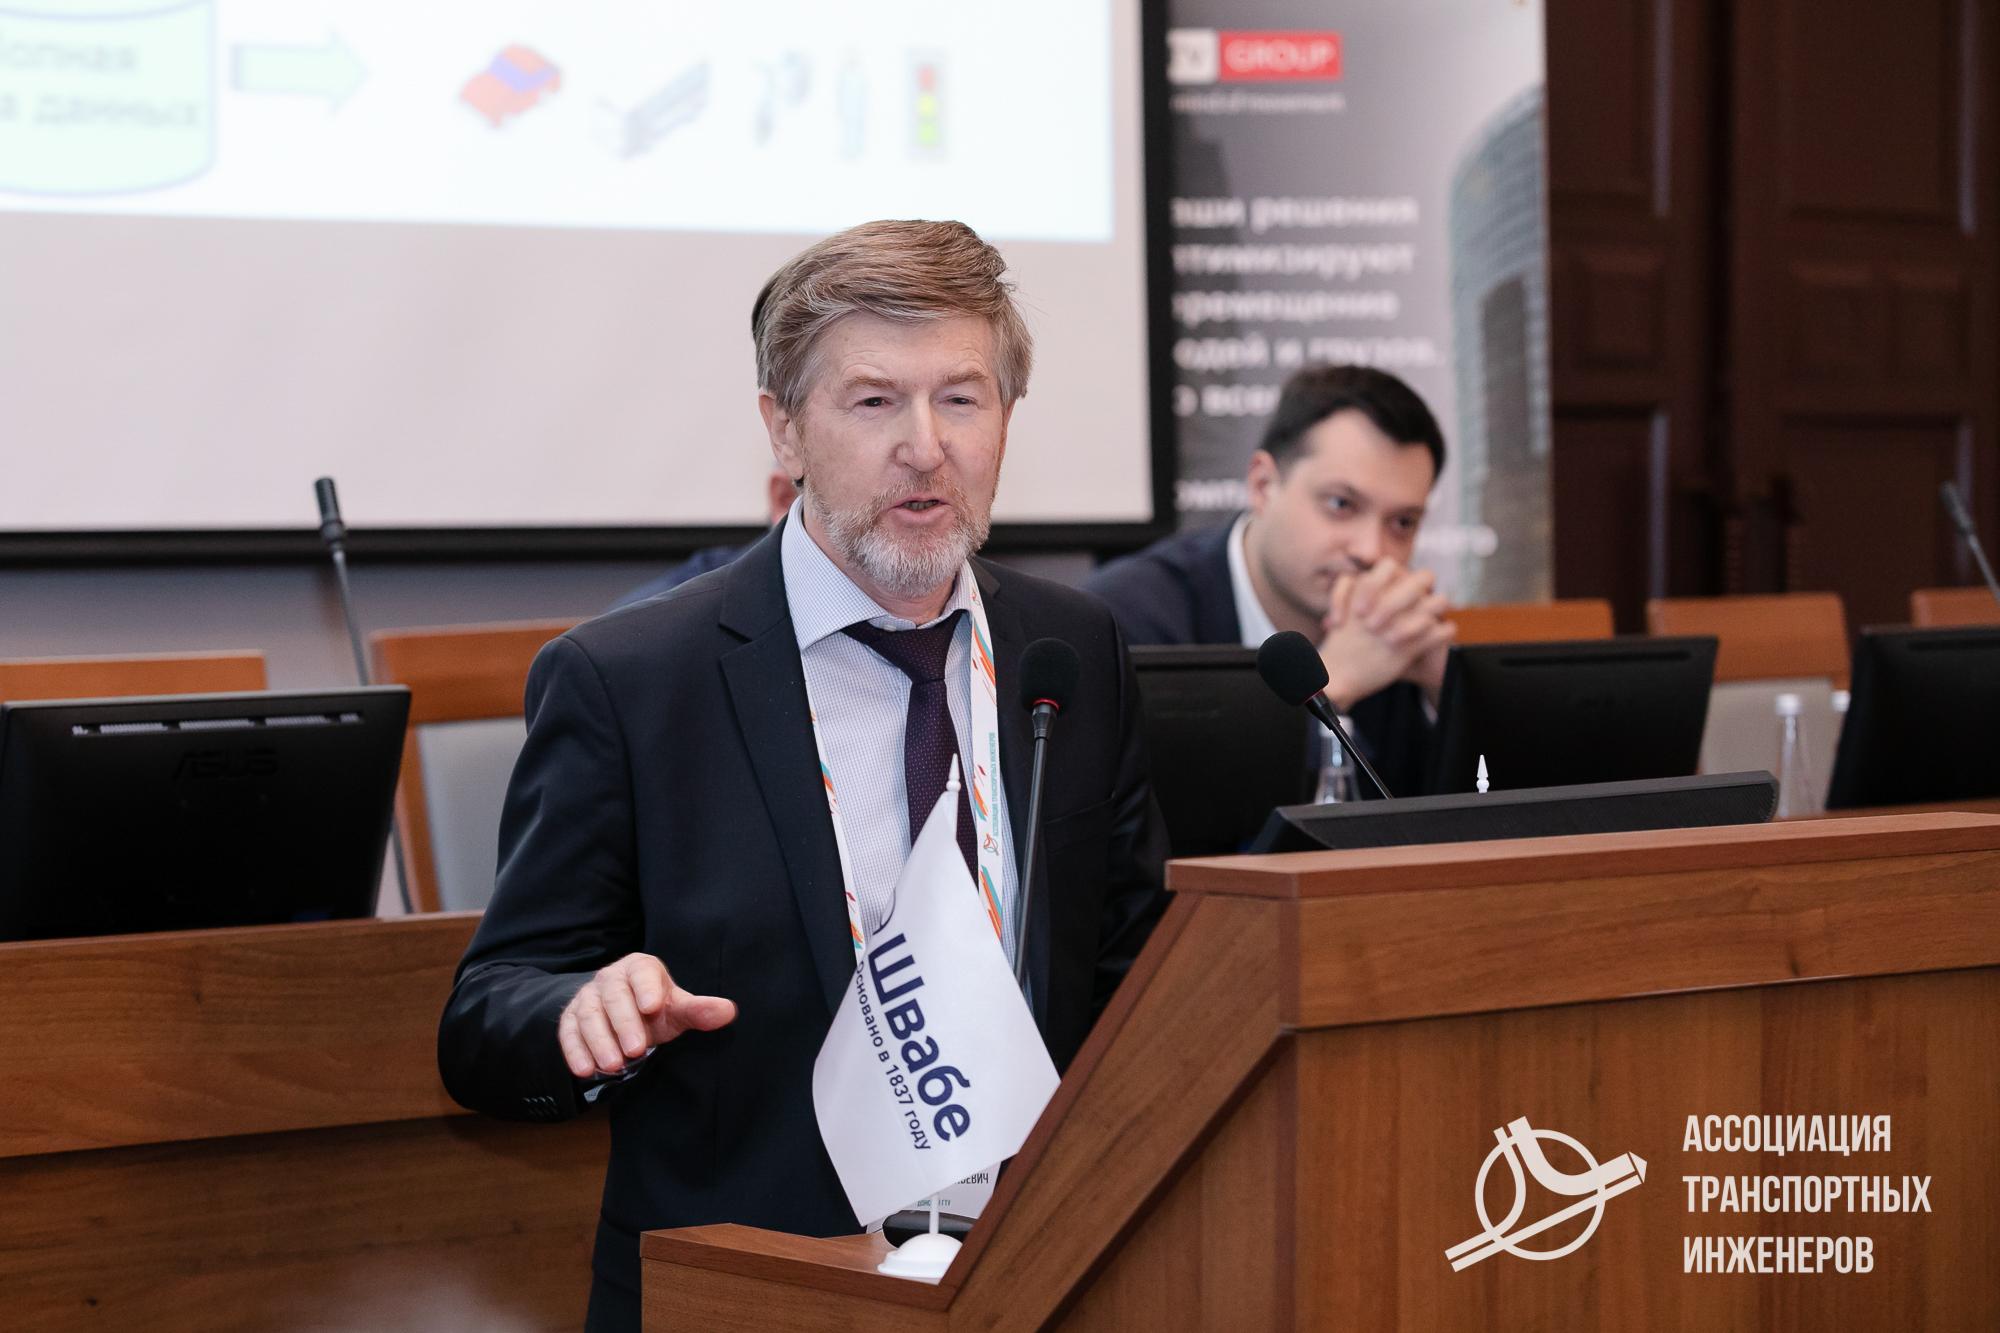 Конференция ТПиМ, 12 апреля  2019  (304)